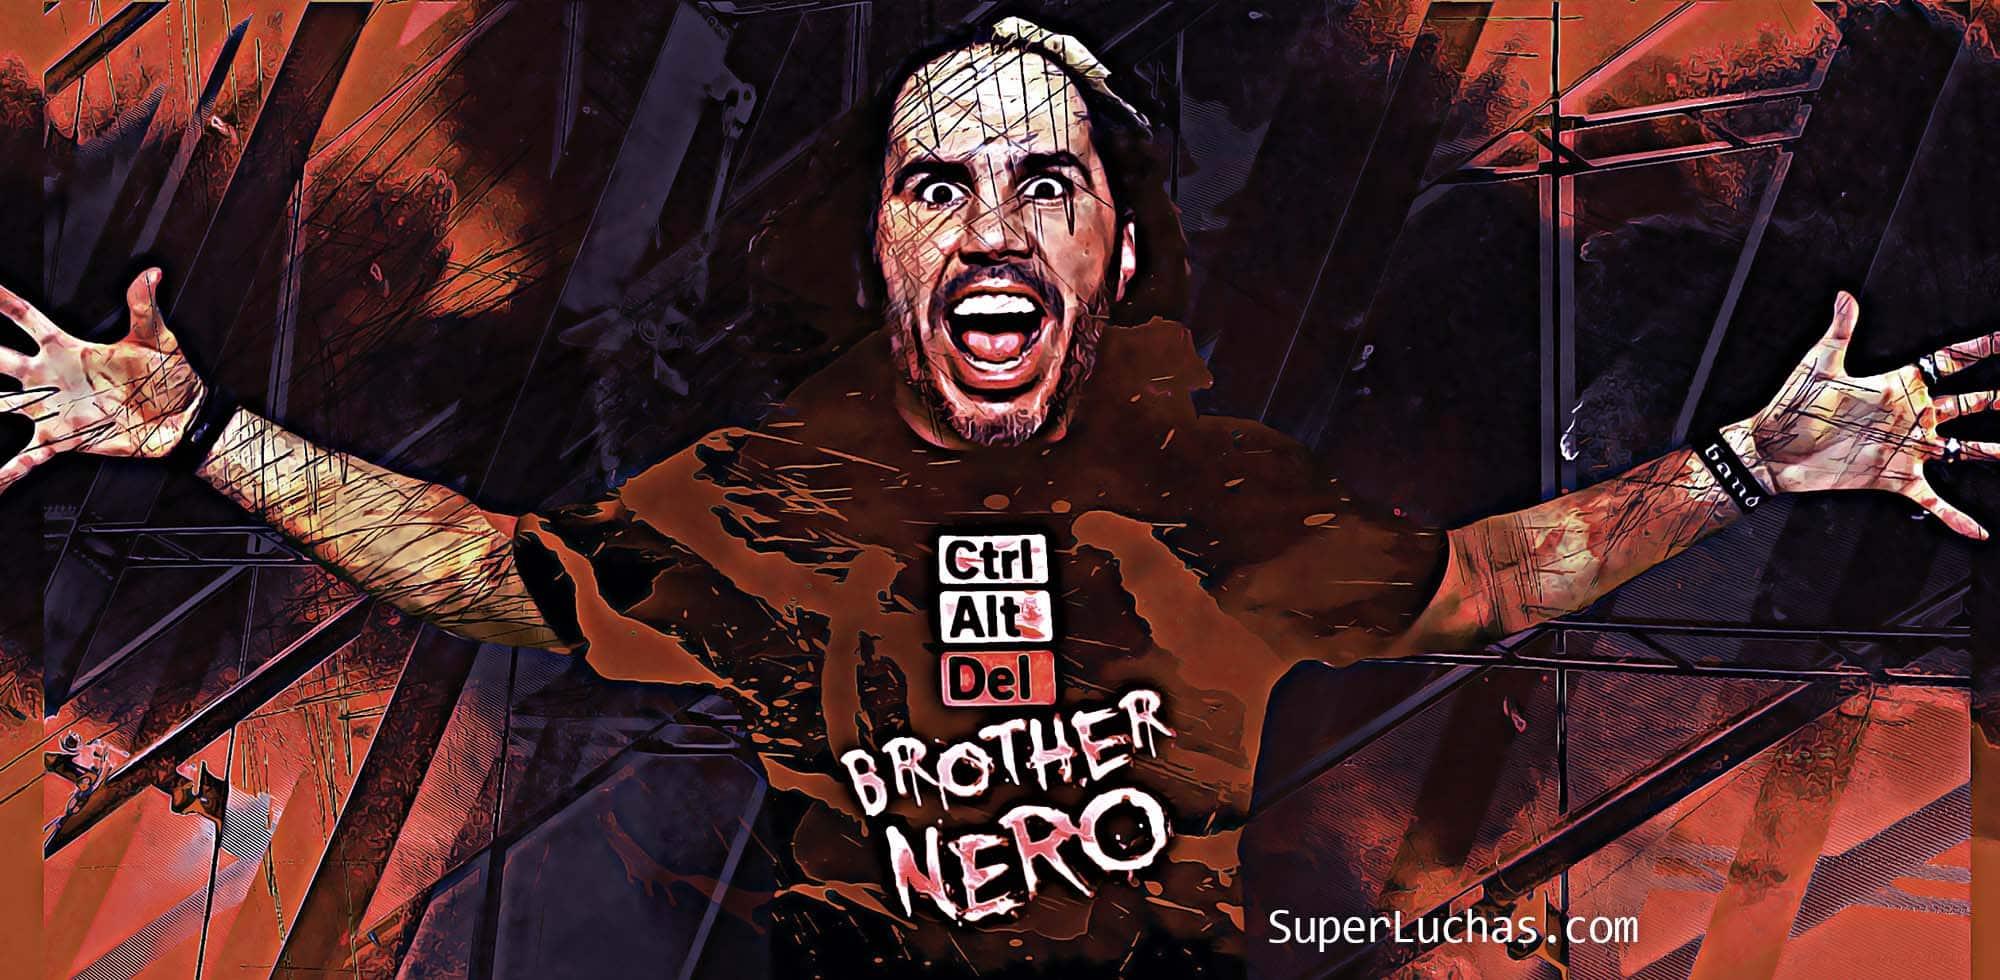 WWE podría utilizar al personaje Broken Matt Hardy en el futuro 1